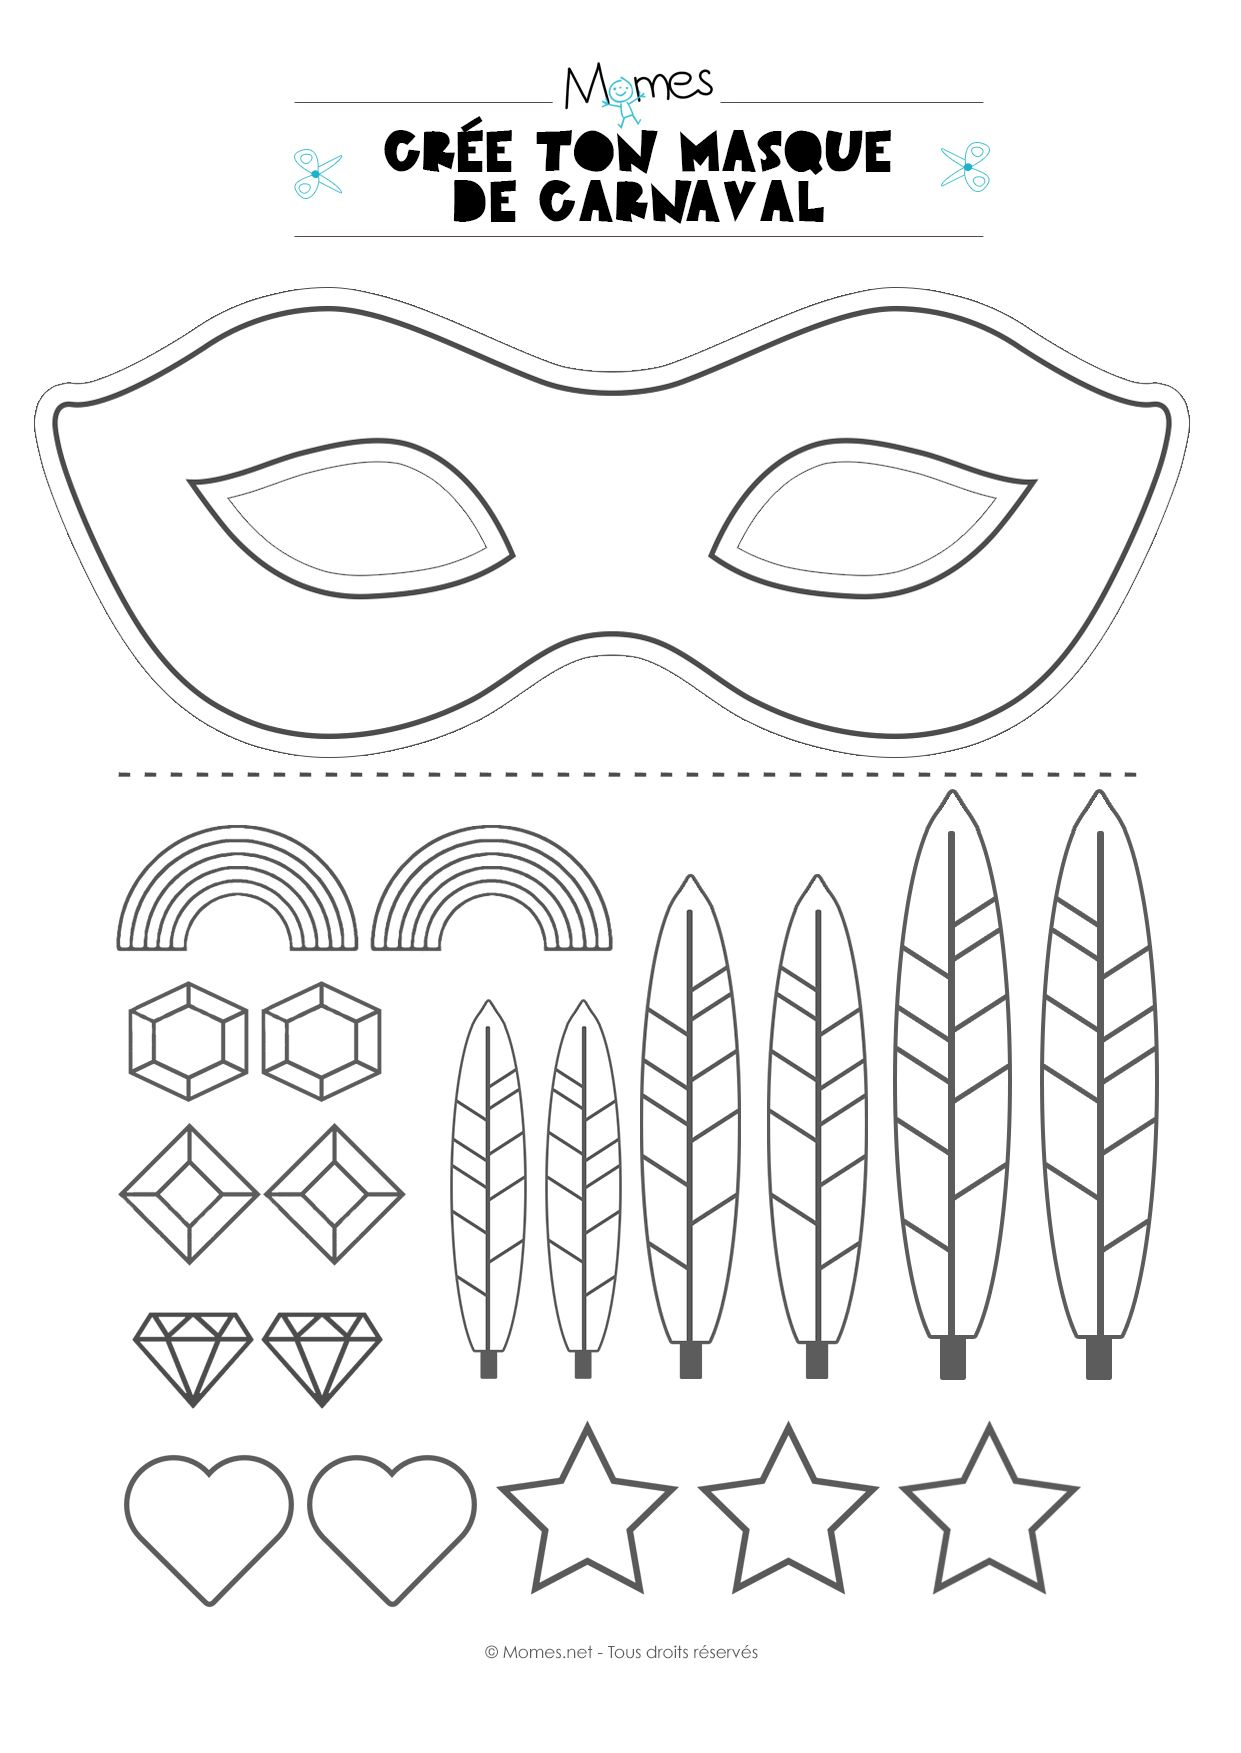 Kit Pour Faire Un Masque De Carnaval | Masque Carnaval intérieur Masque Carnaval Maternelle À Imprimer